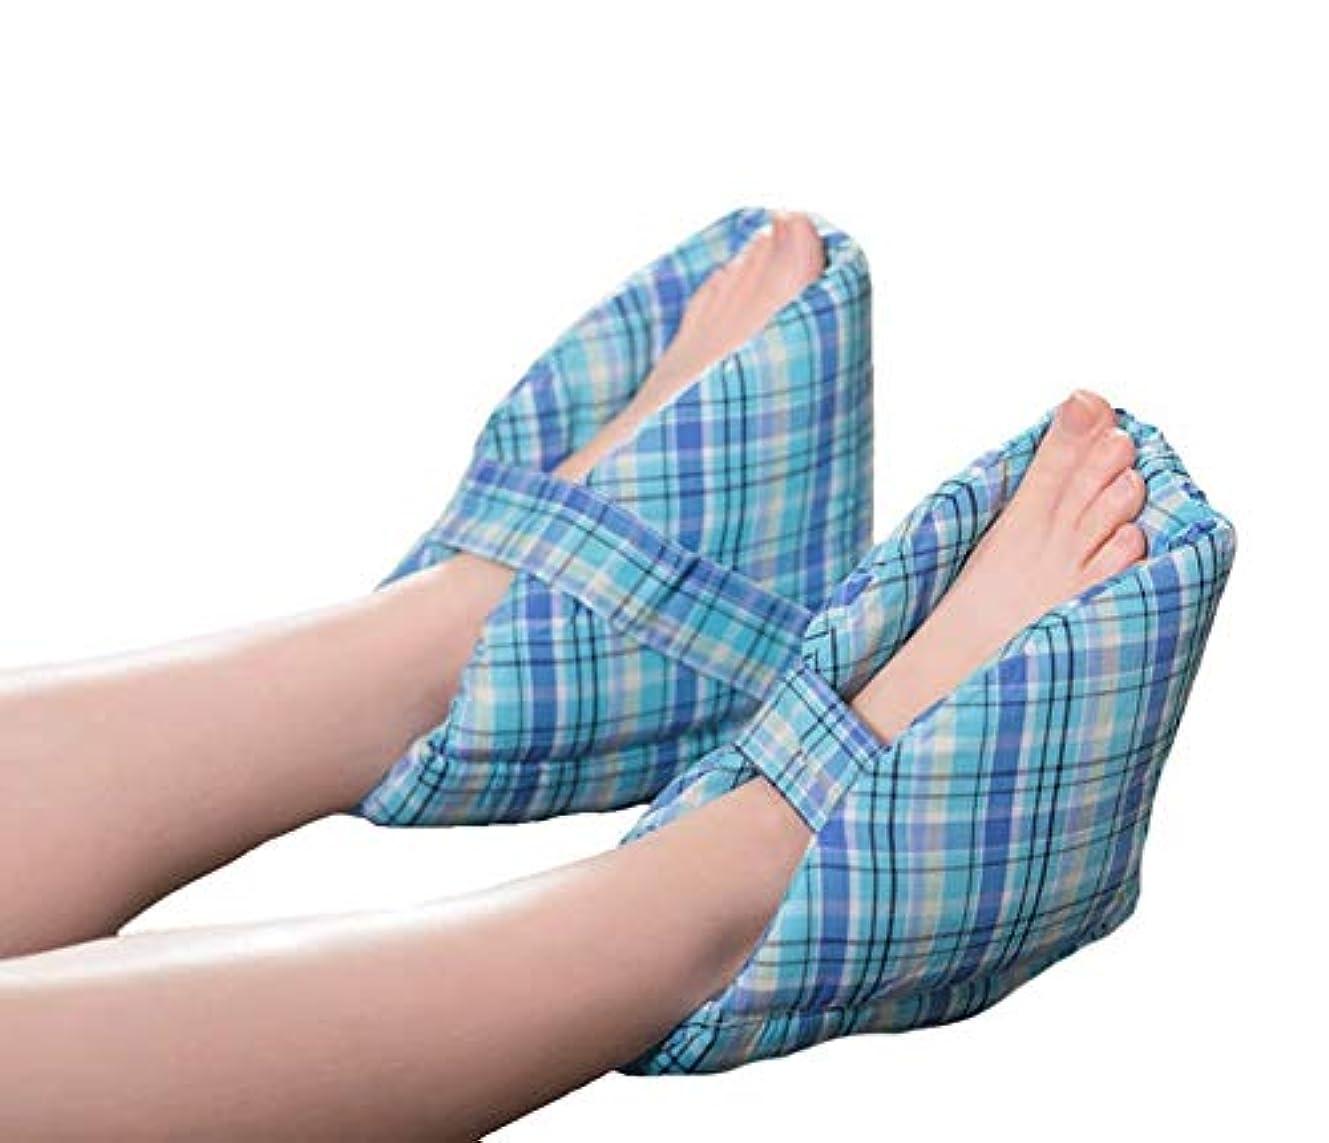 マークされた一流通路かかとプロテクター枕、足補正カバー、効果的なPressure瘡とかかと潰瘍の救済、腫れた足に最適、快適なかかと保護足枕、1ペア